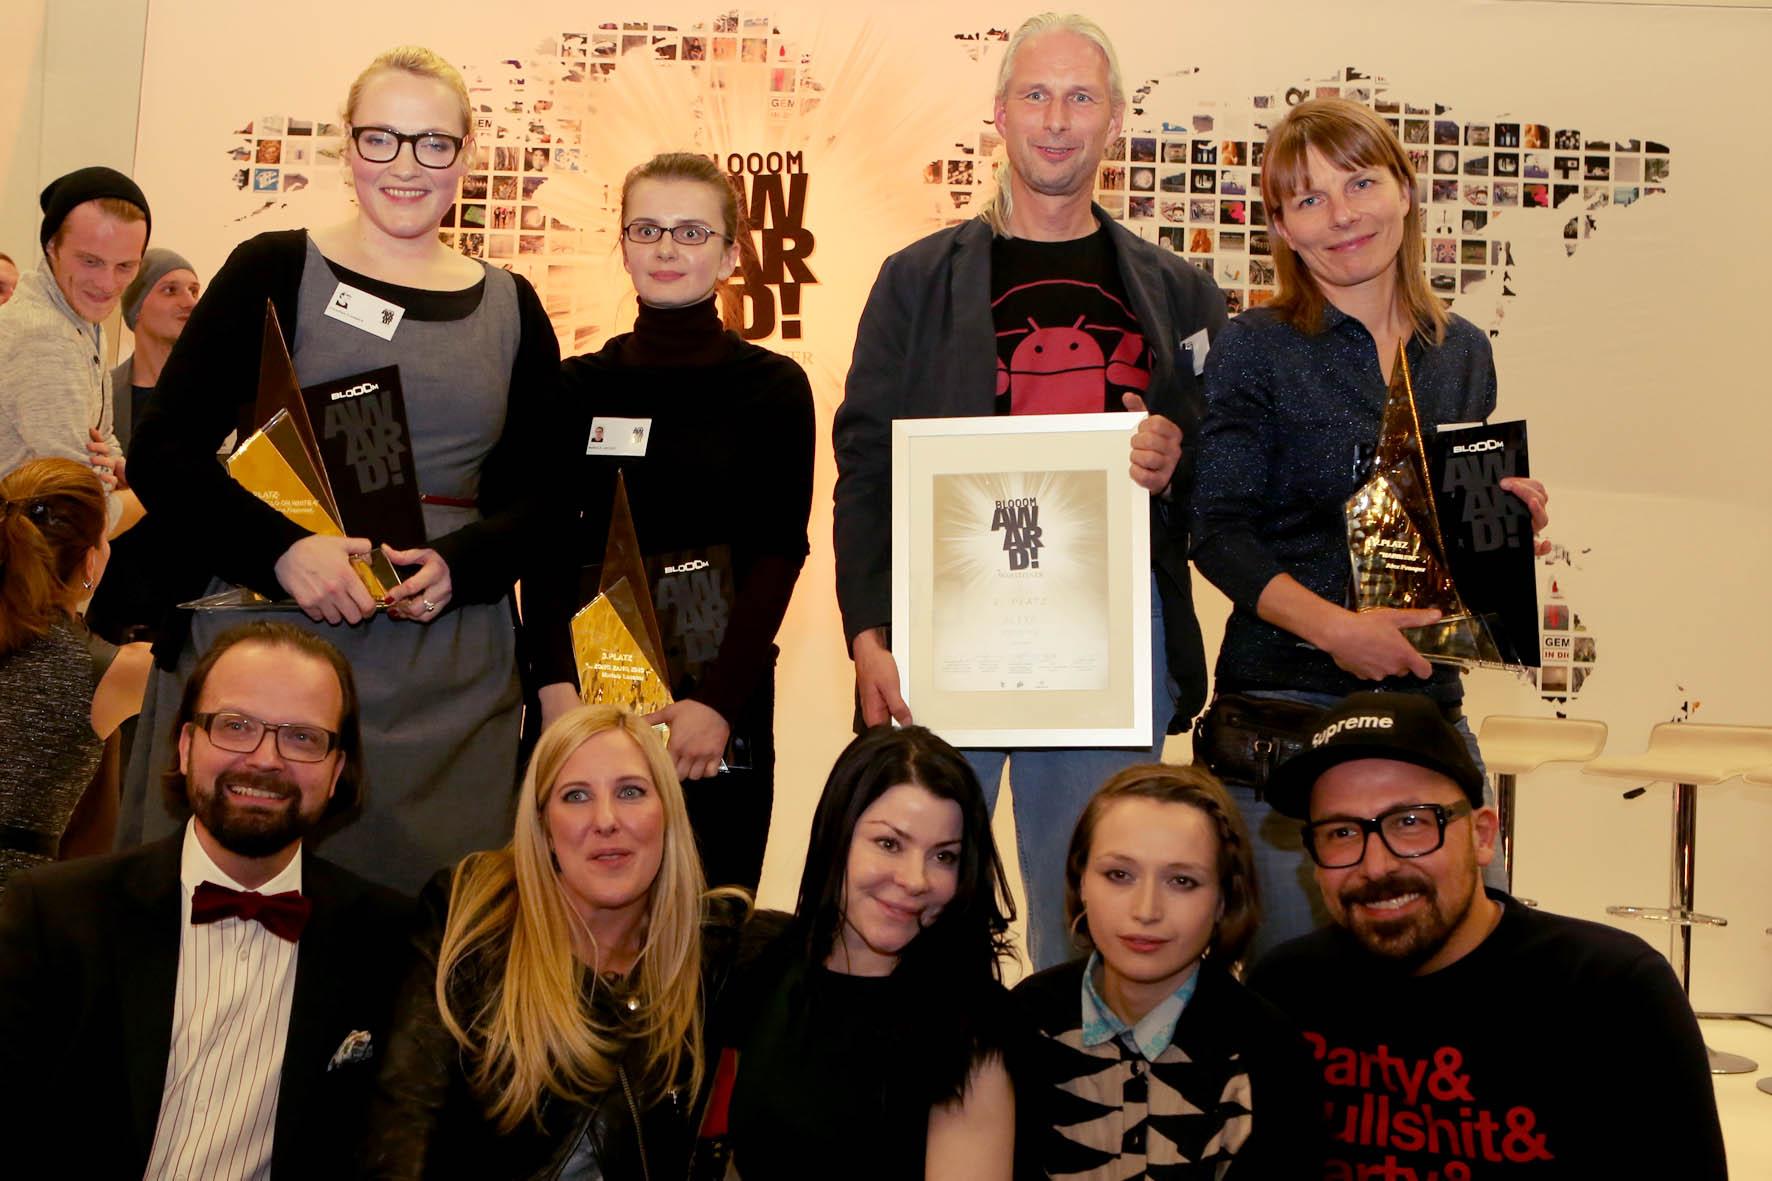 Die Gewinner des BLOOOM-Awards 2012 stehen fest